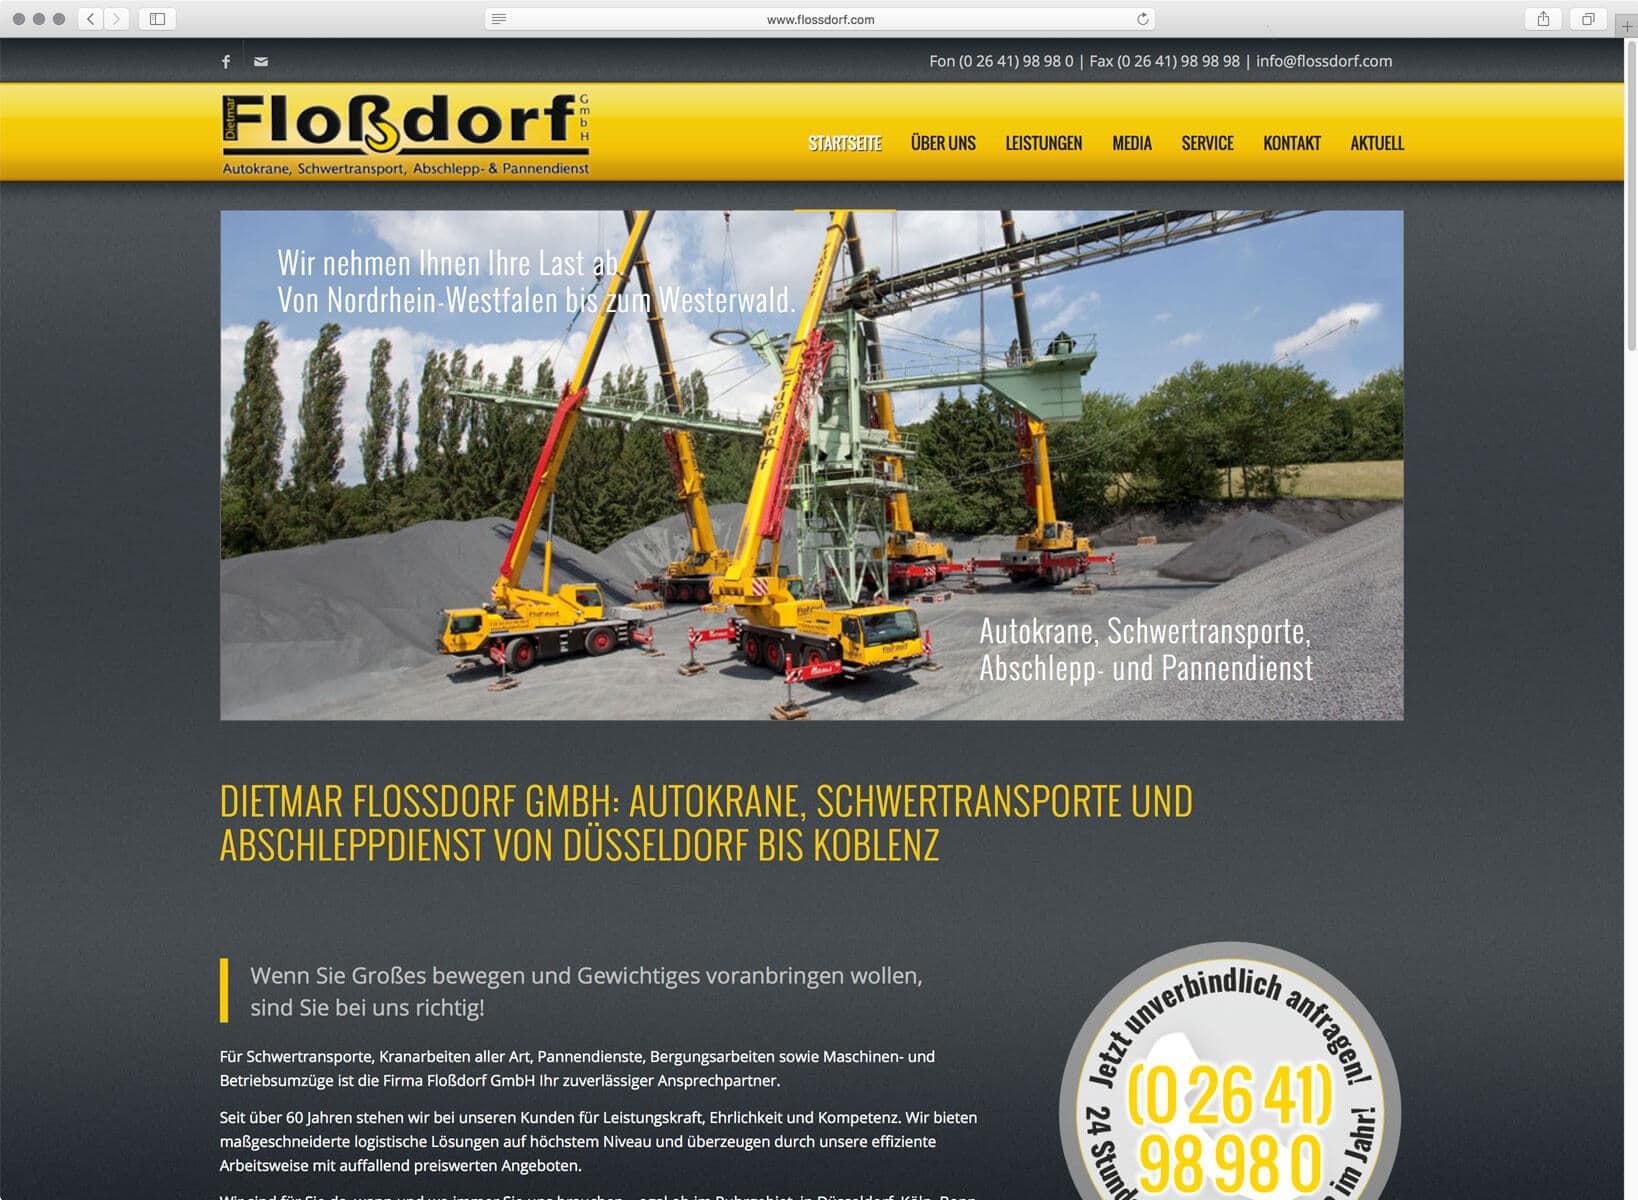 www.flossdorf.com